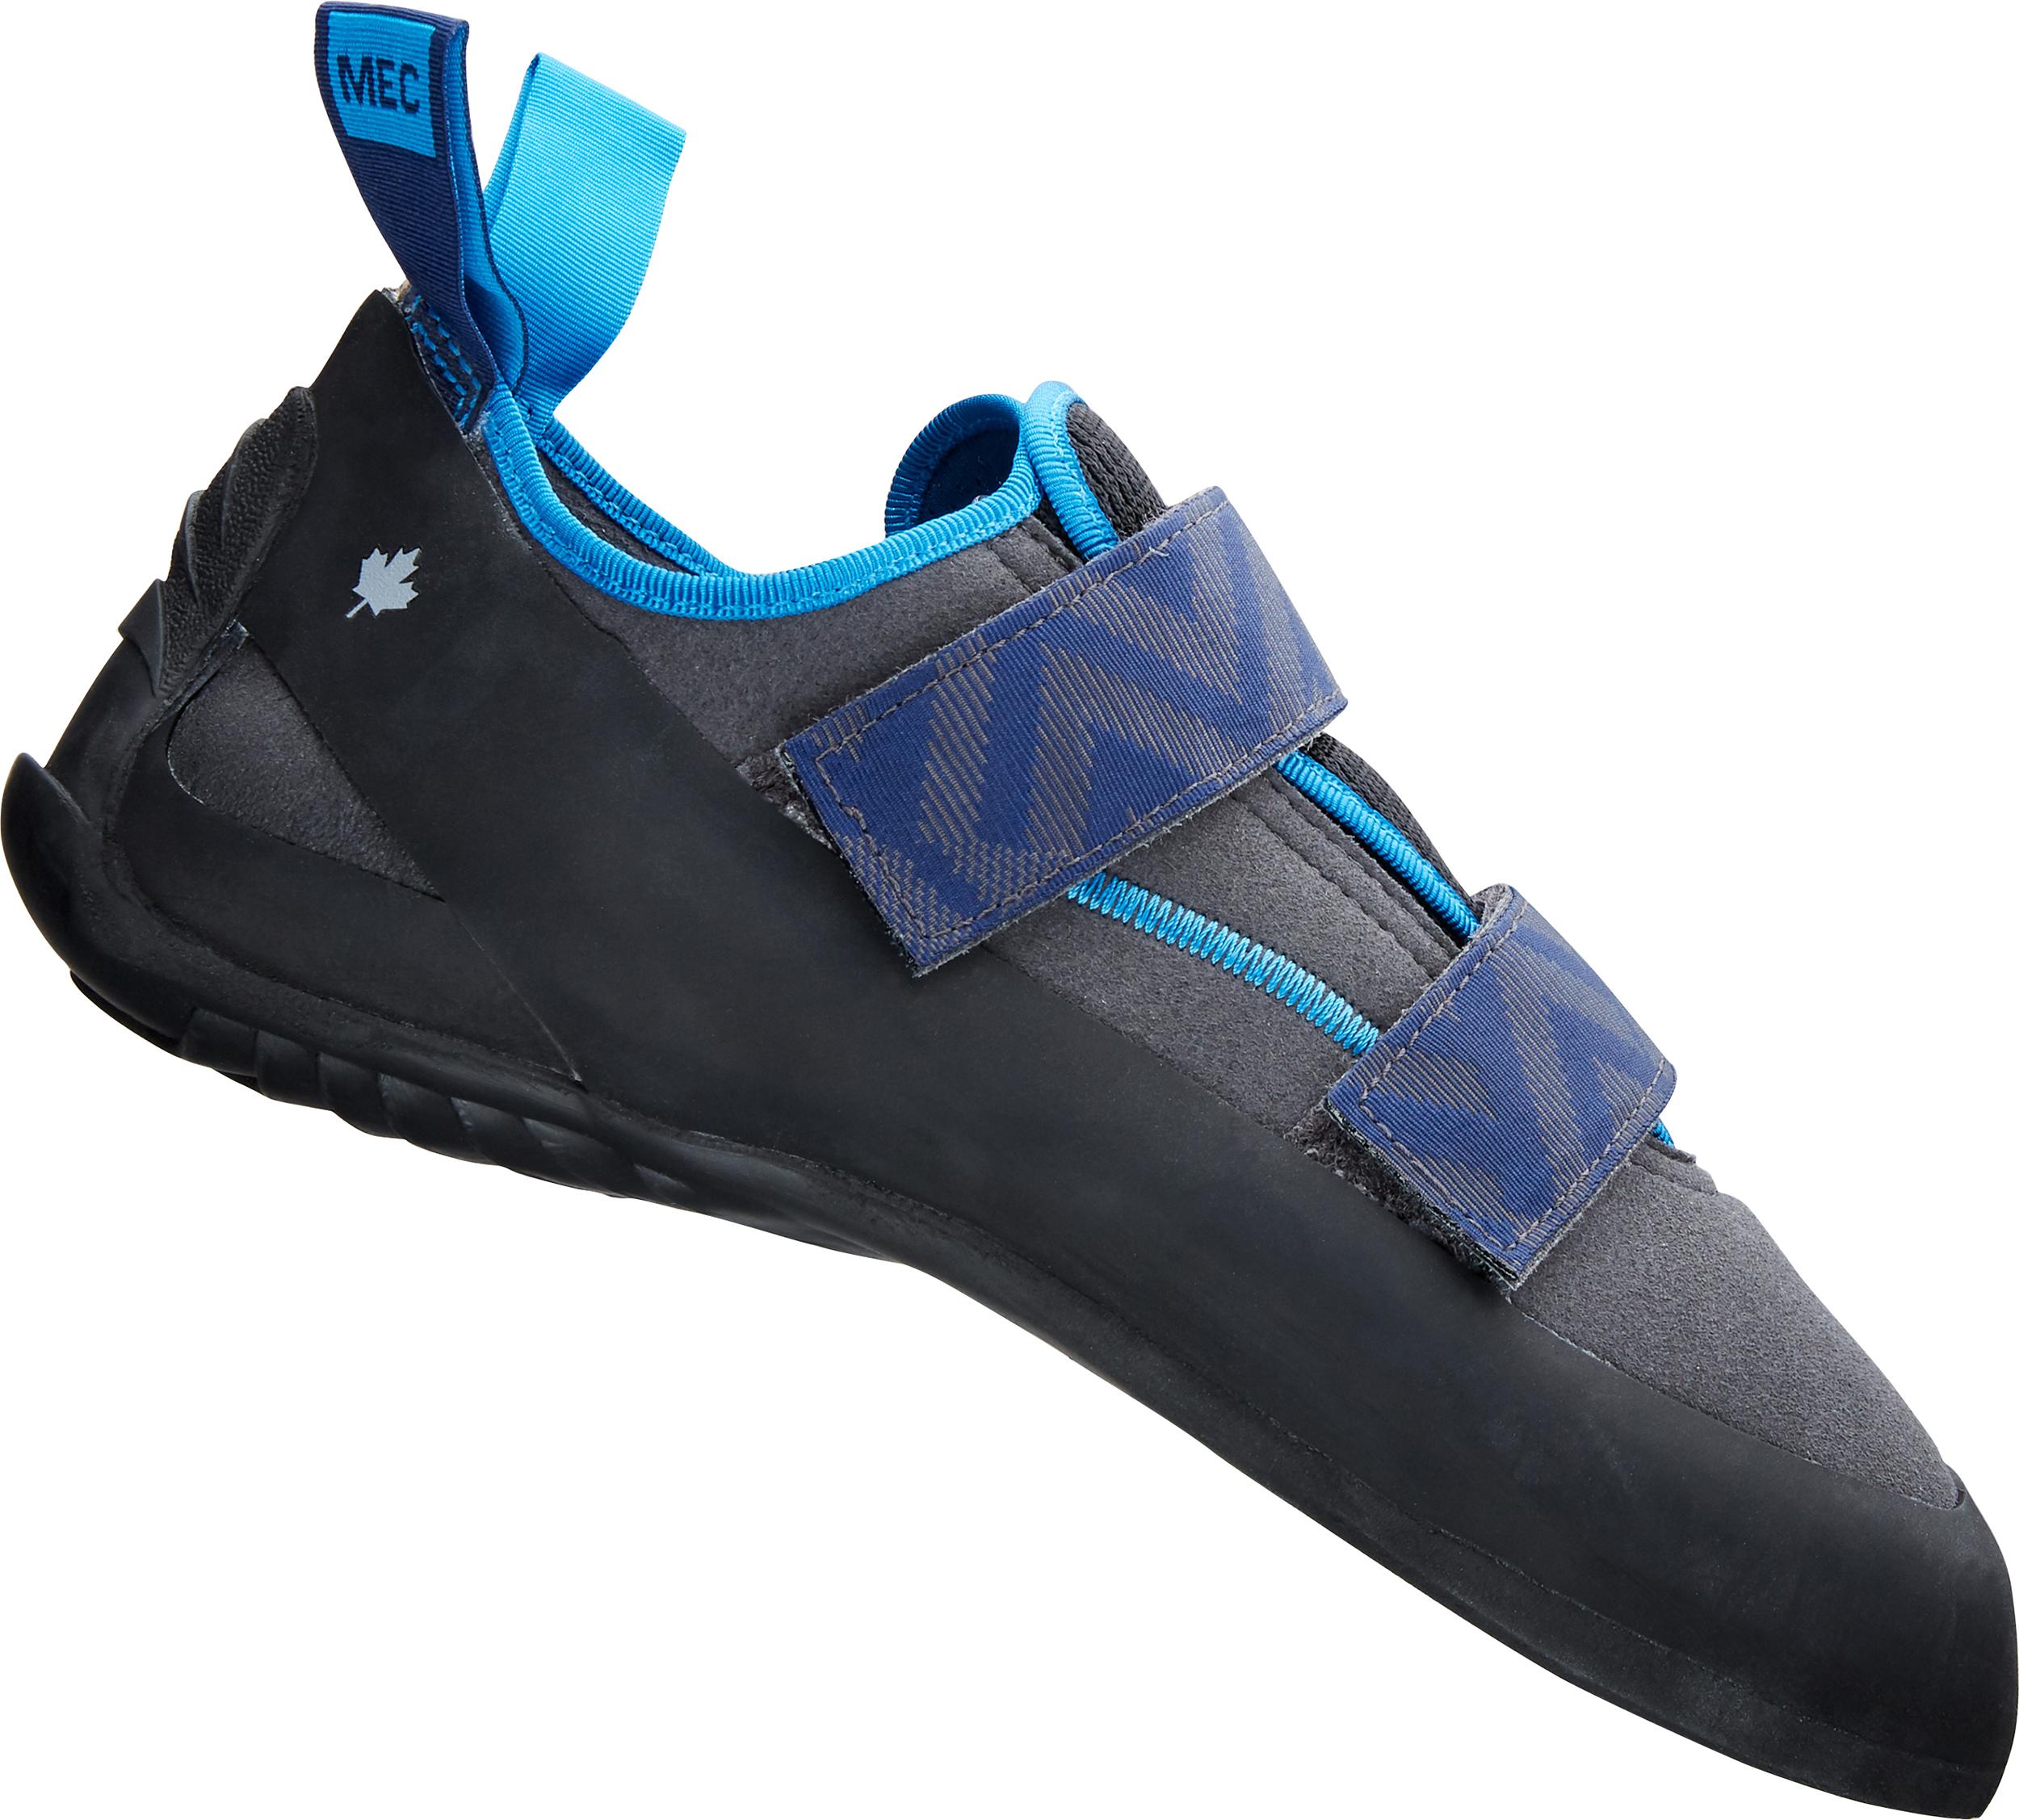 e88c81150944 Rock climbing shoes